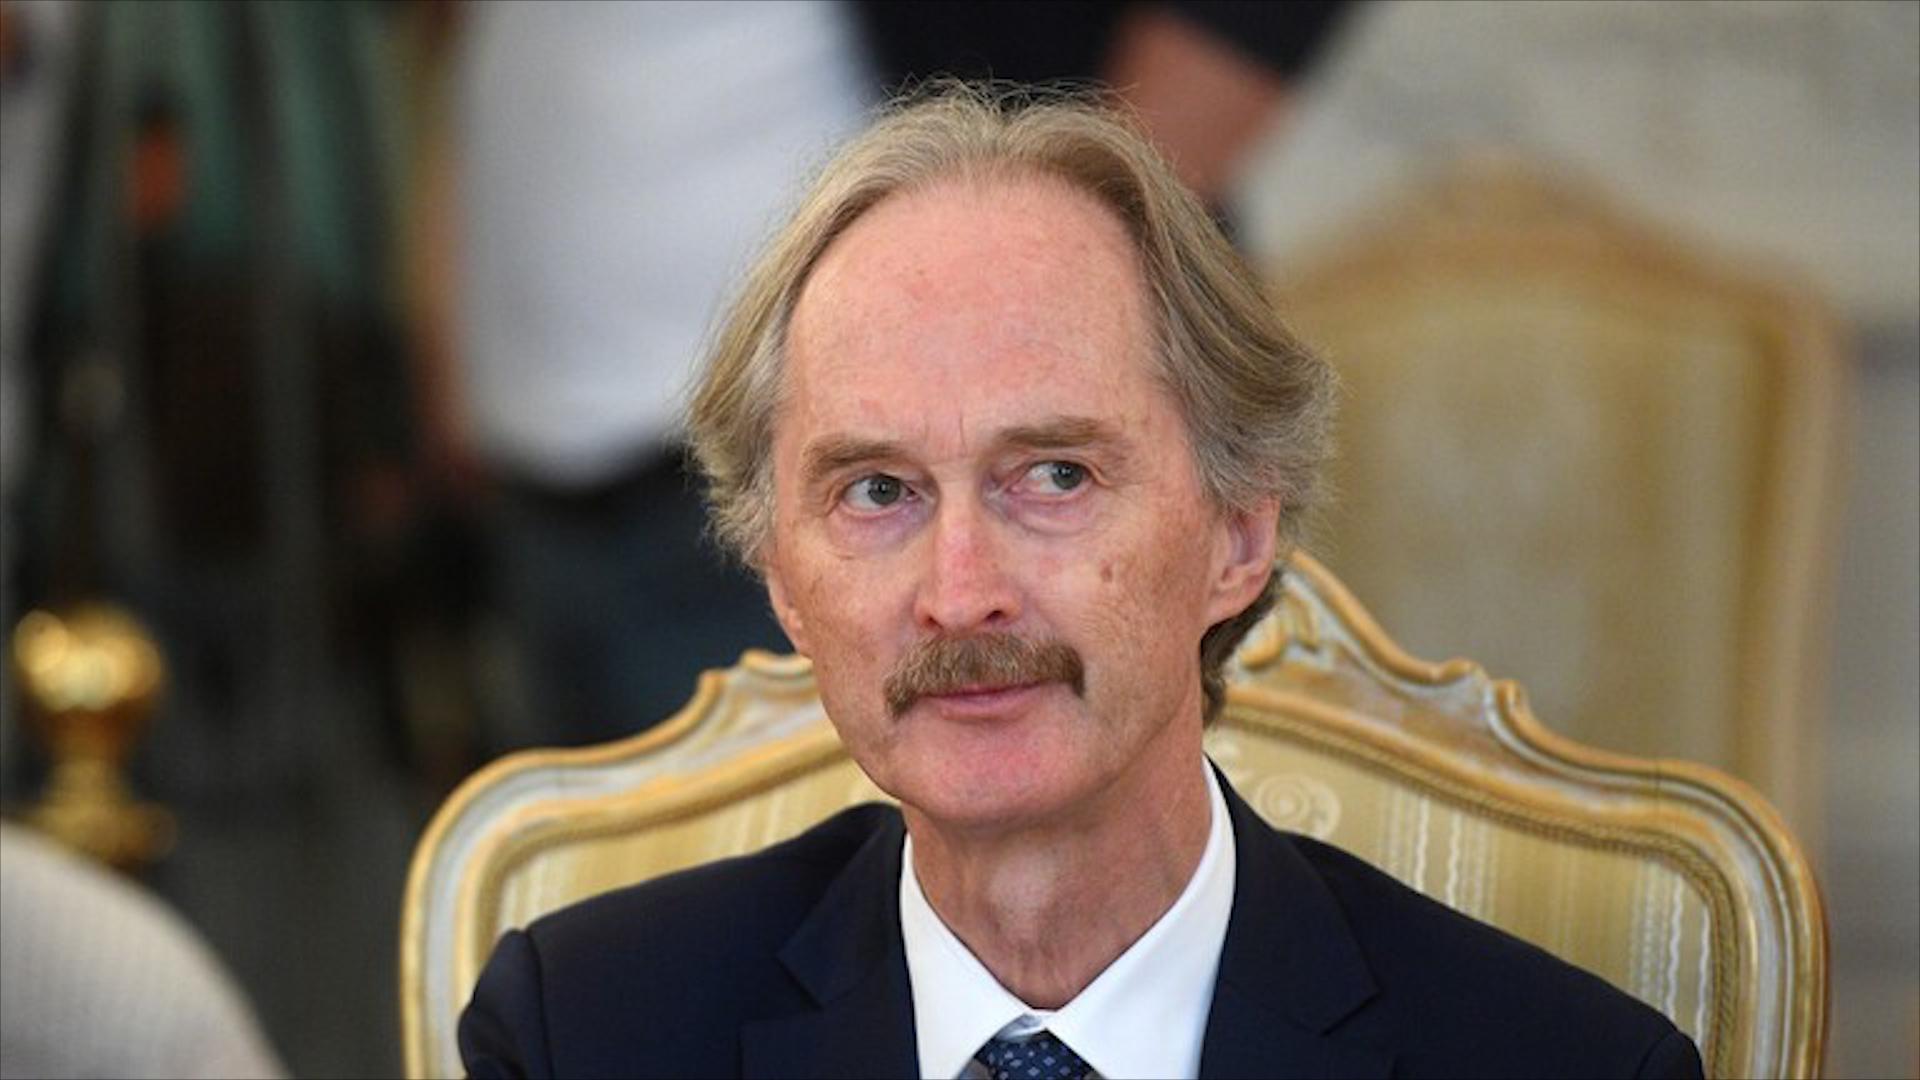 Photo of Geir Pedersen: tê payîn di mehên pêş de wê komîteya destûrî ya Sûrî rûniştinên nû pêk bîne